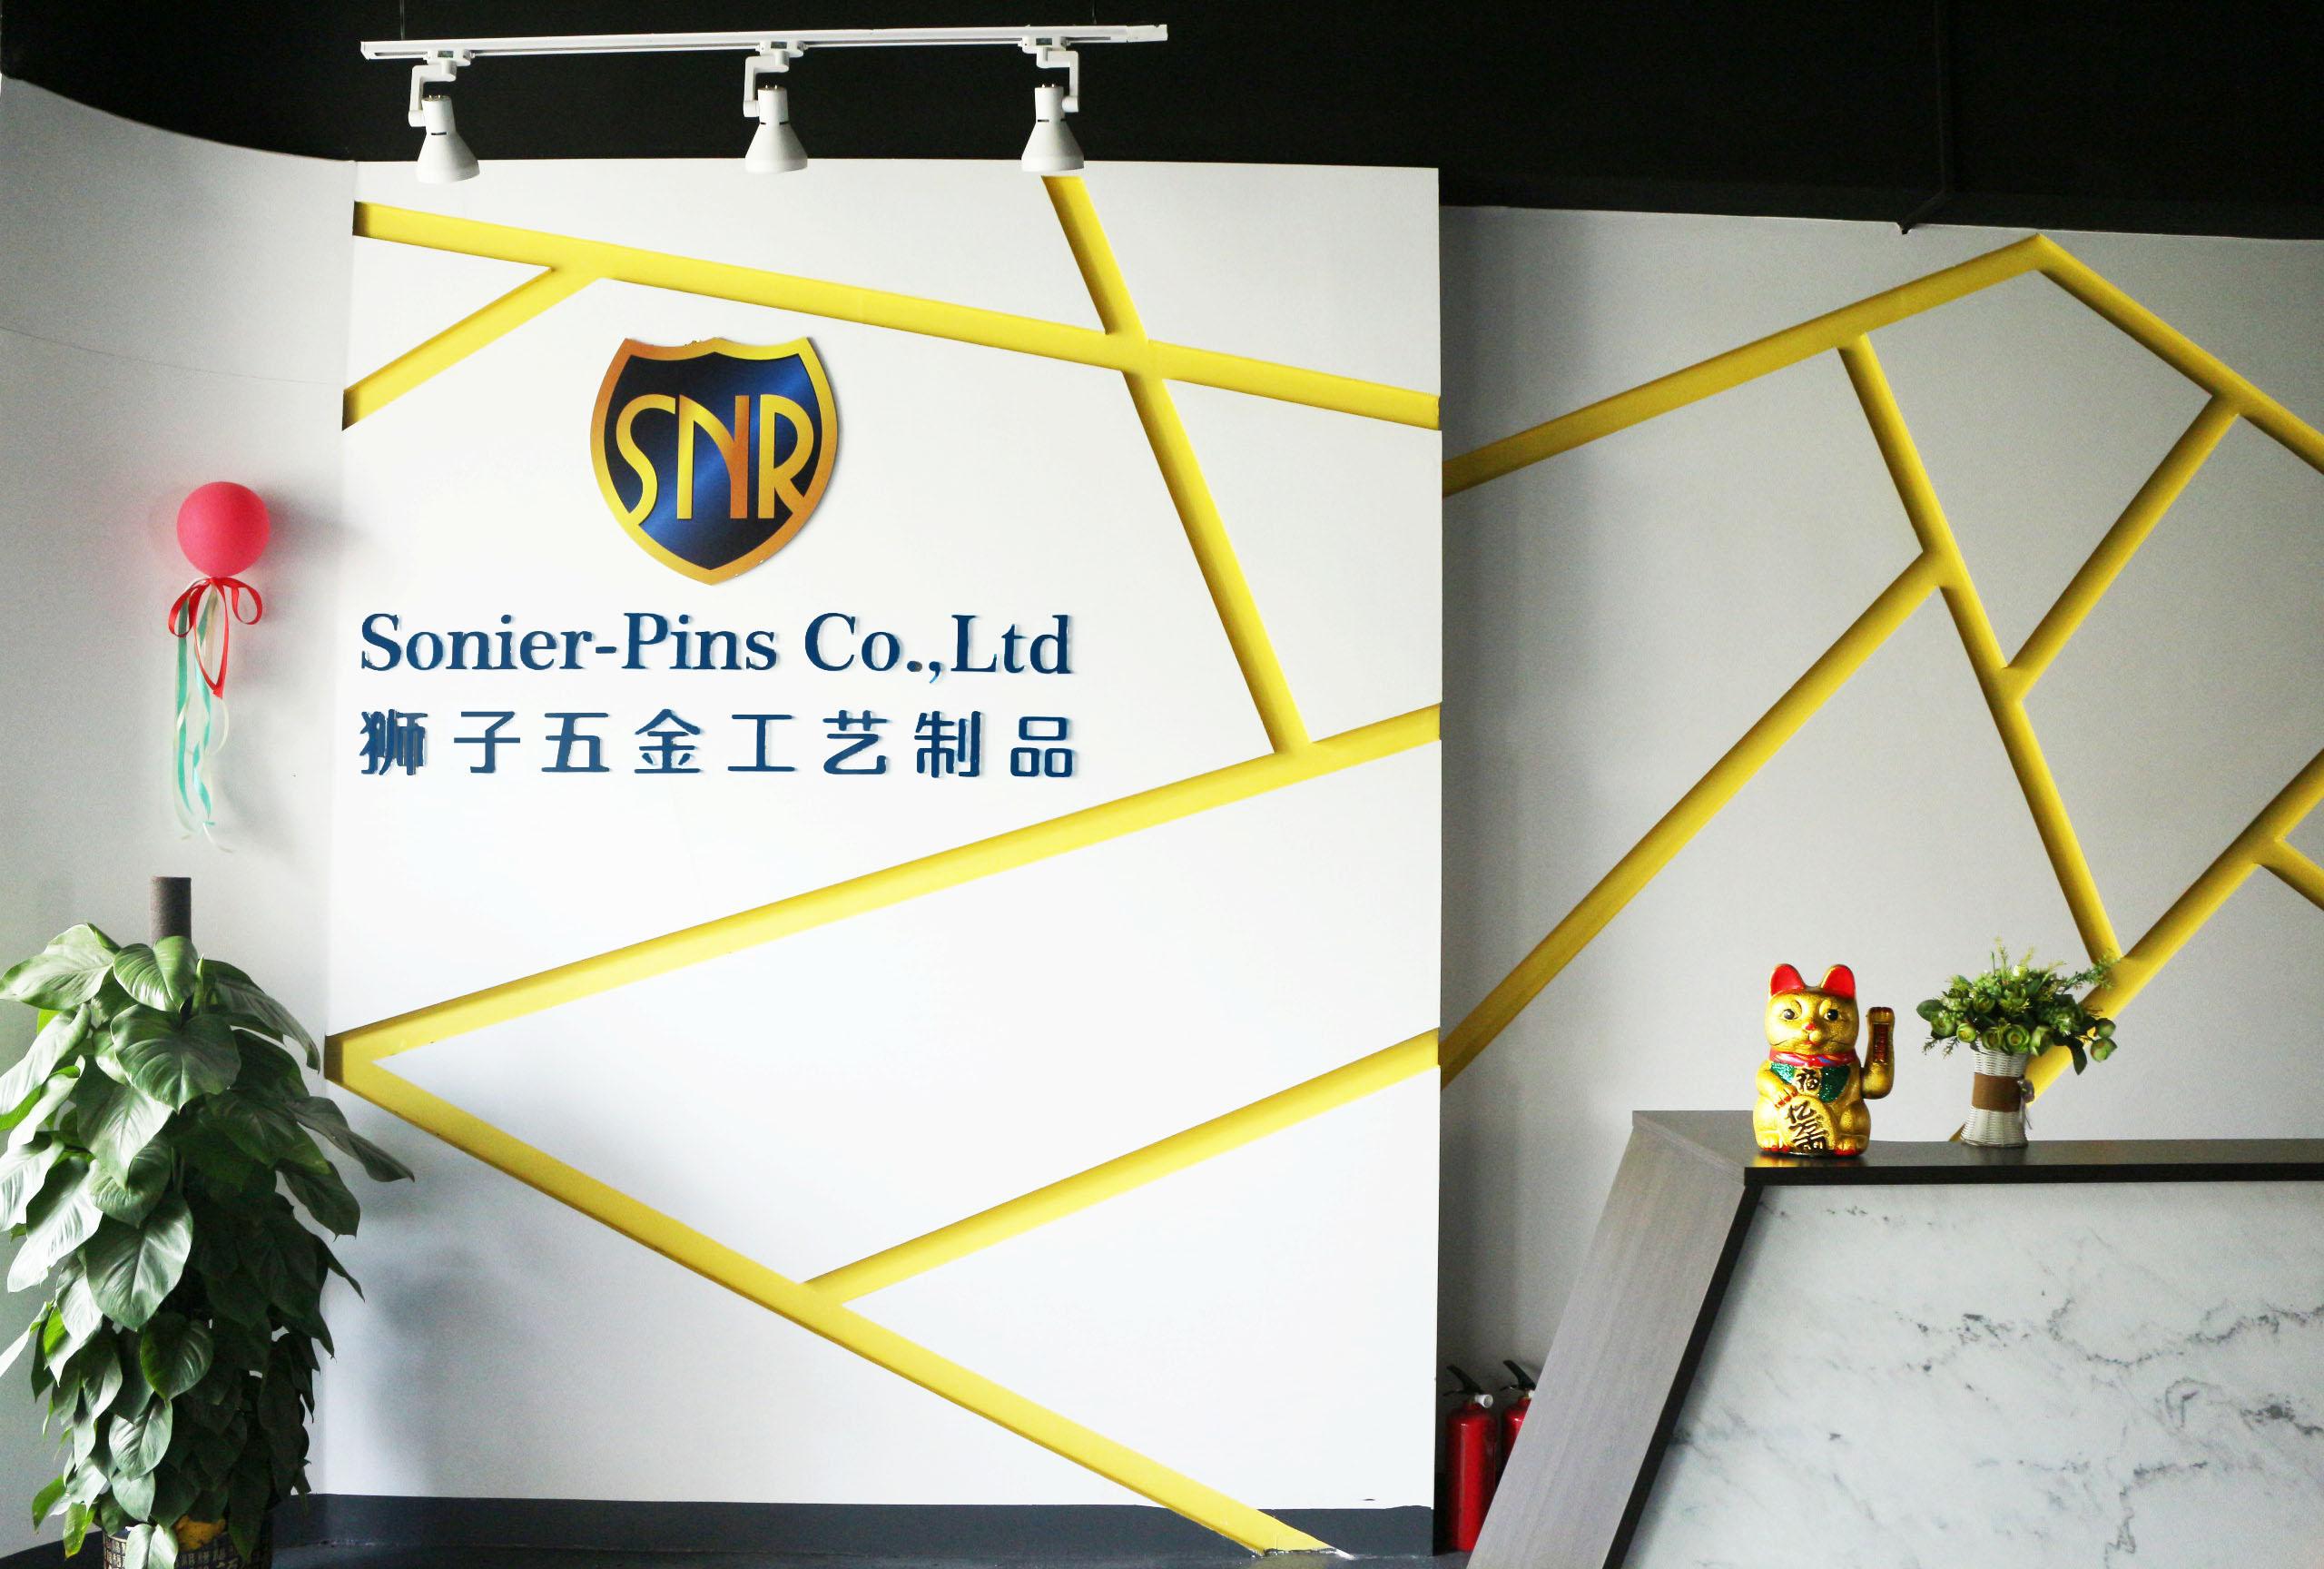 中山市狮王商贸有限公司_才通国际人才网_job001.cn